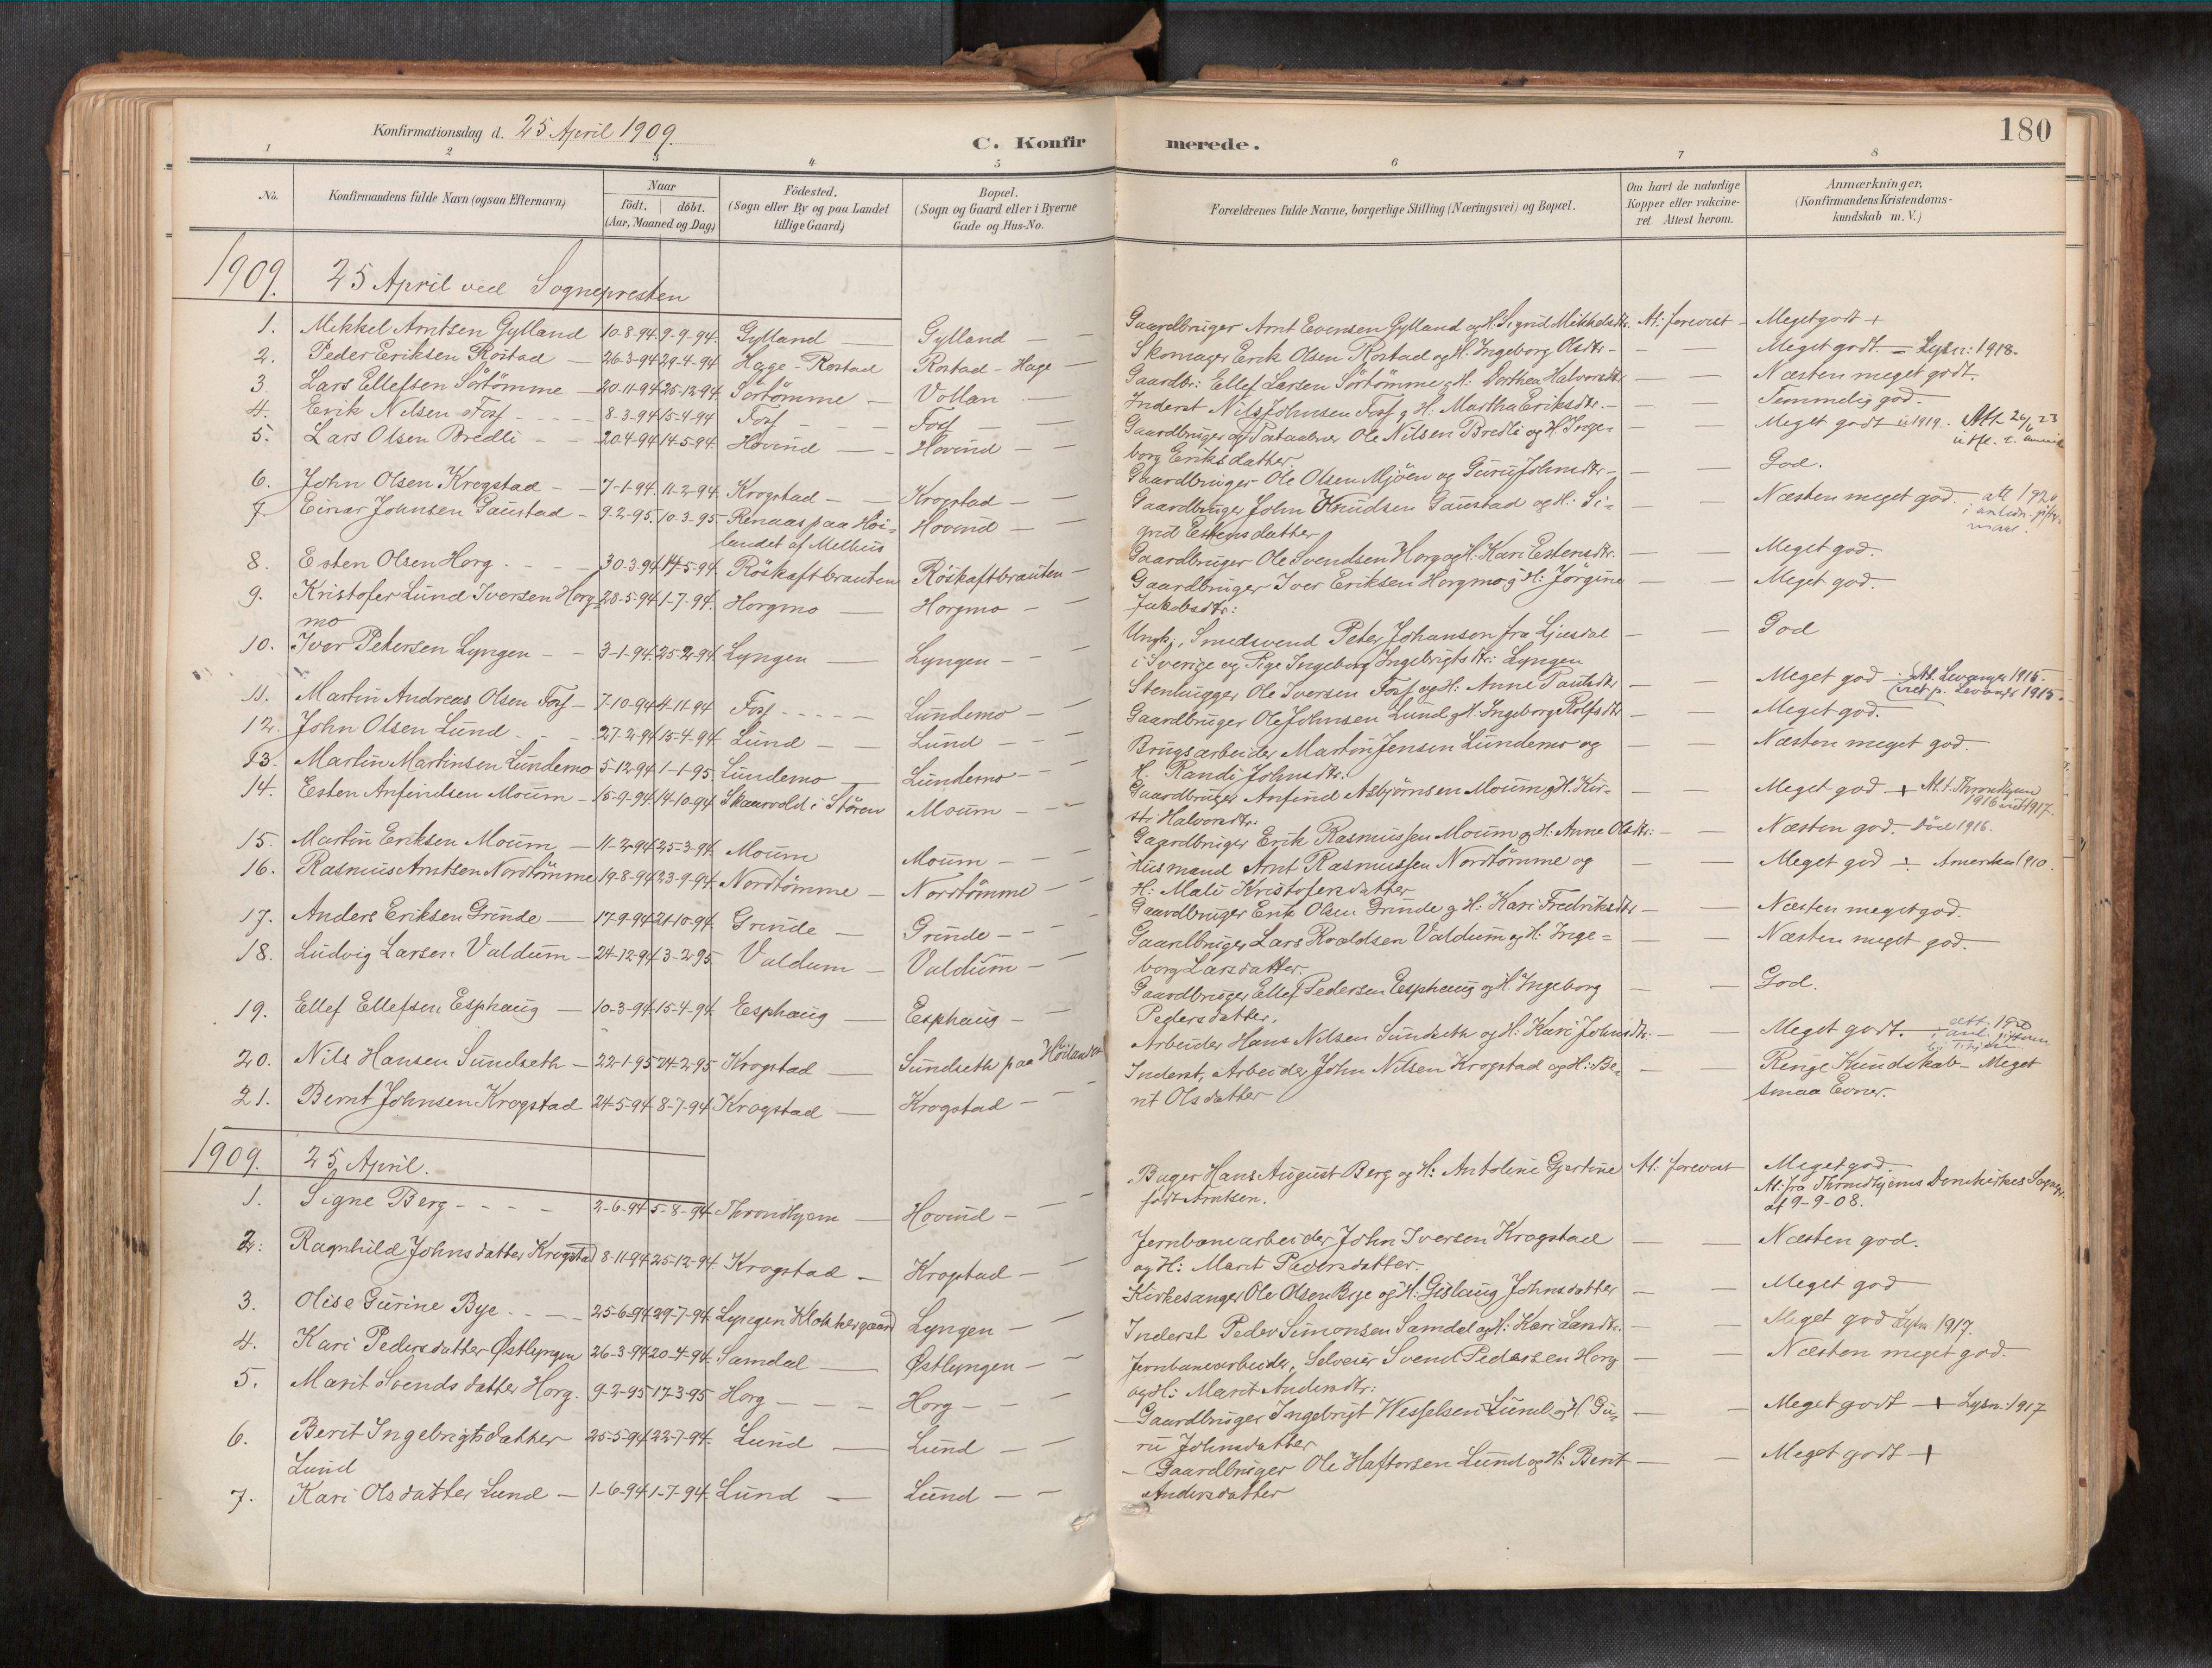 SAT, Ministerialprotokoller, klokkerbøker og fødselsregistre - Sør-Trøndelag, 692/L1105b: Ministerialbok nr. 692A06, 1891-1934, s. 180